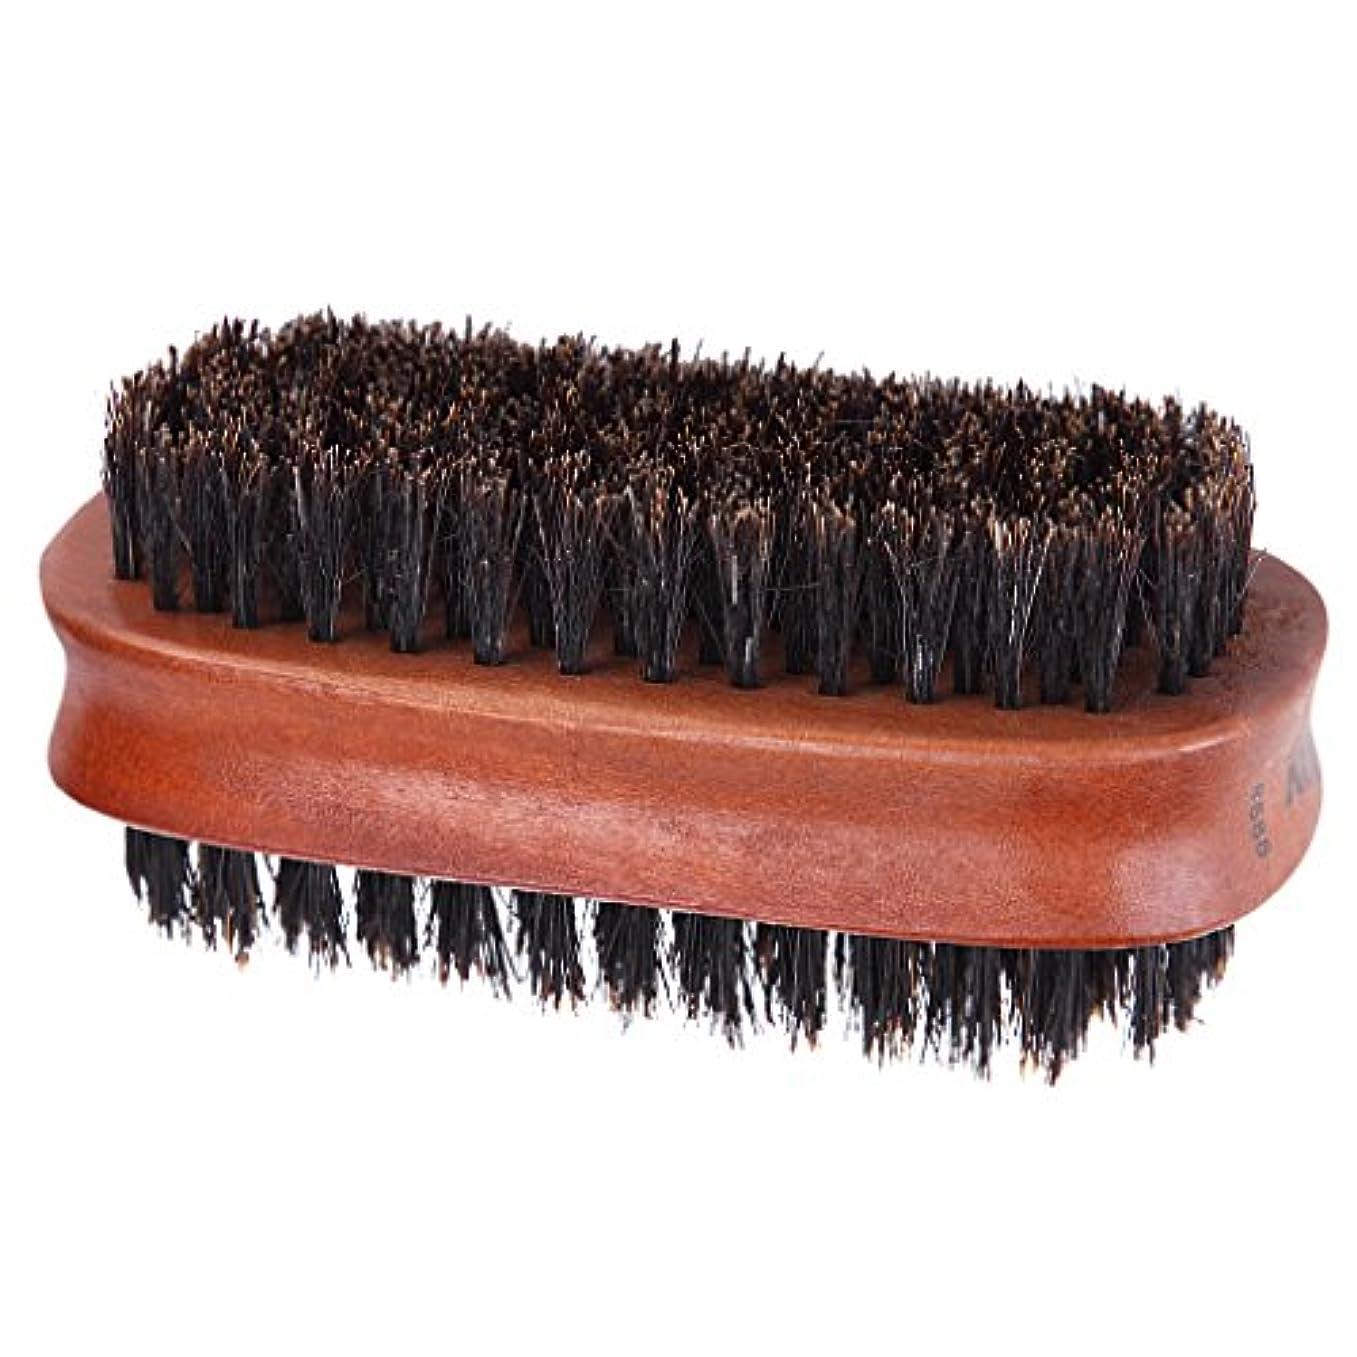 ユーモア脅威職業Kesoto ヘアブラシ 両面ブラシ 理髪店 美容院  ソフトブラシ ヘアカッター ダスターブラシ